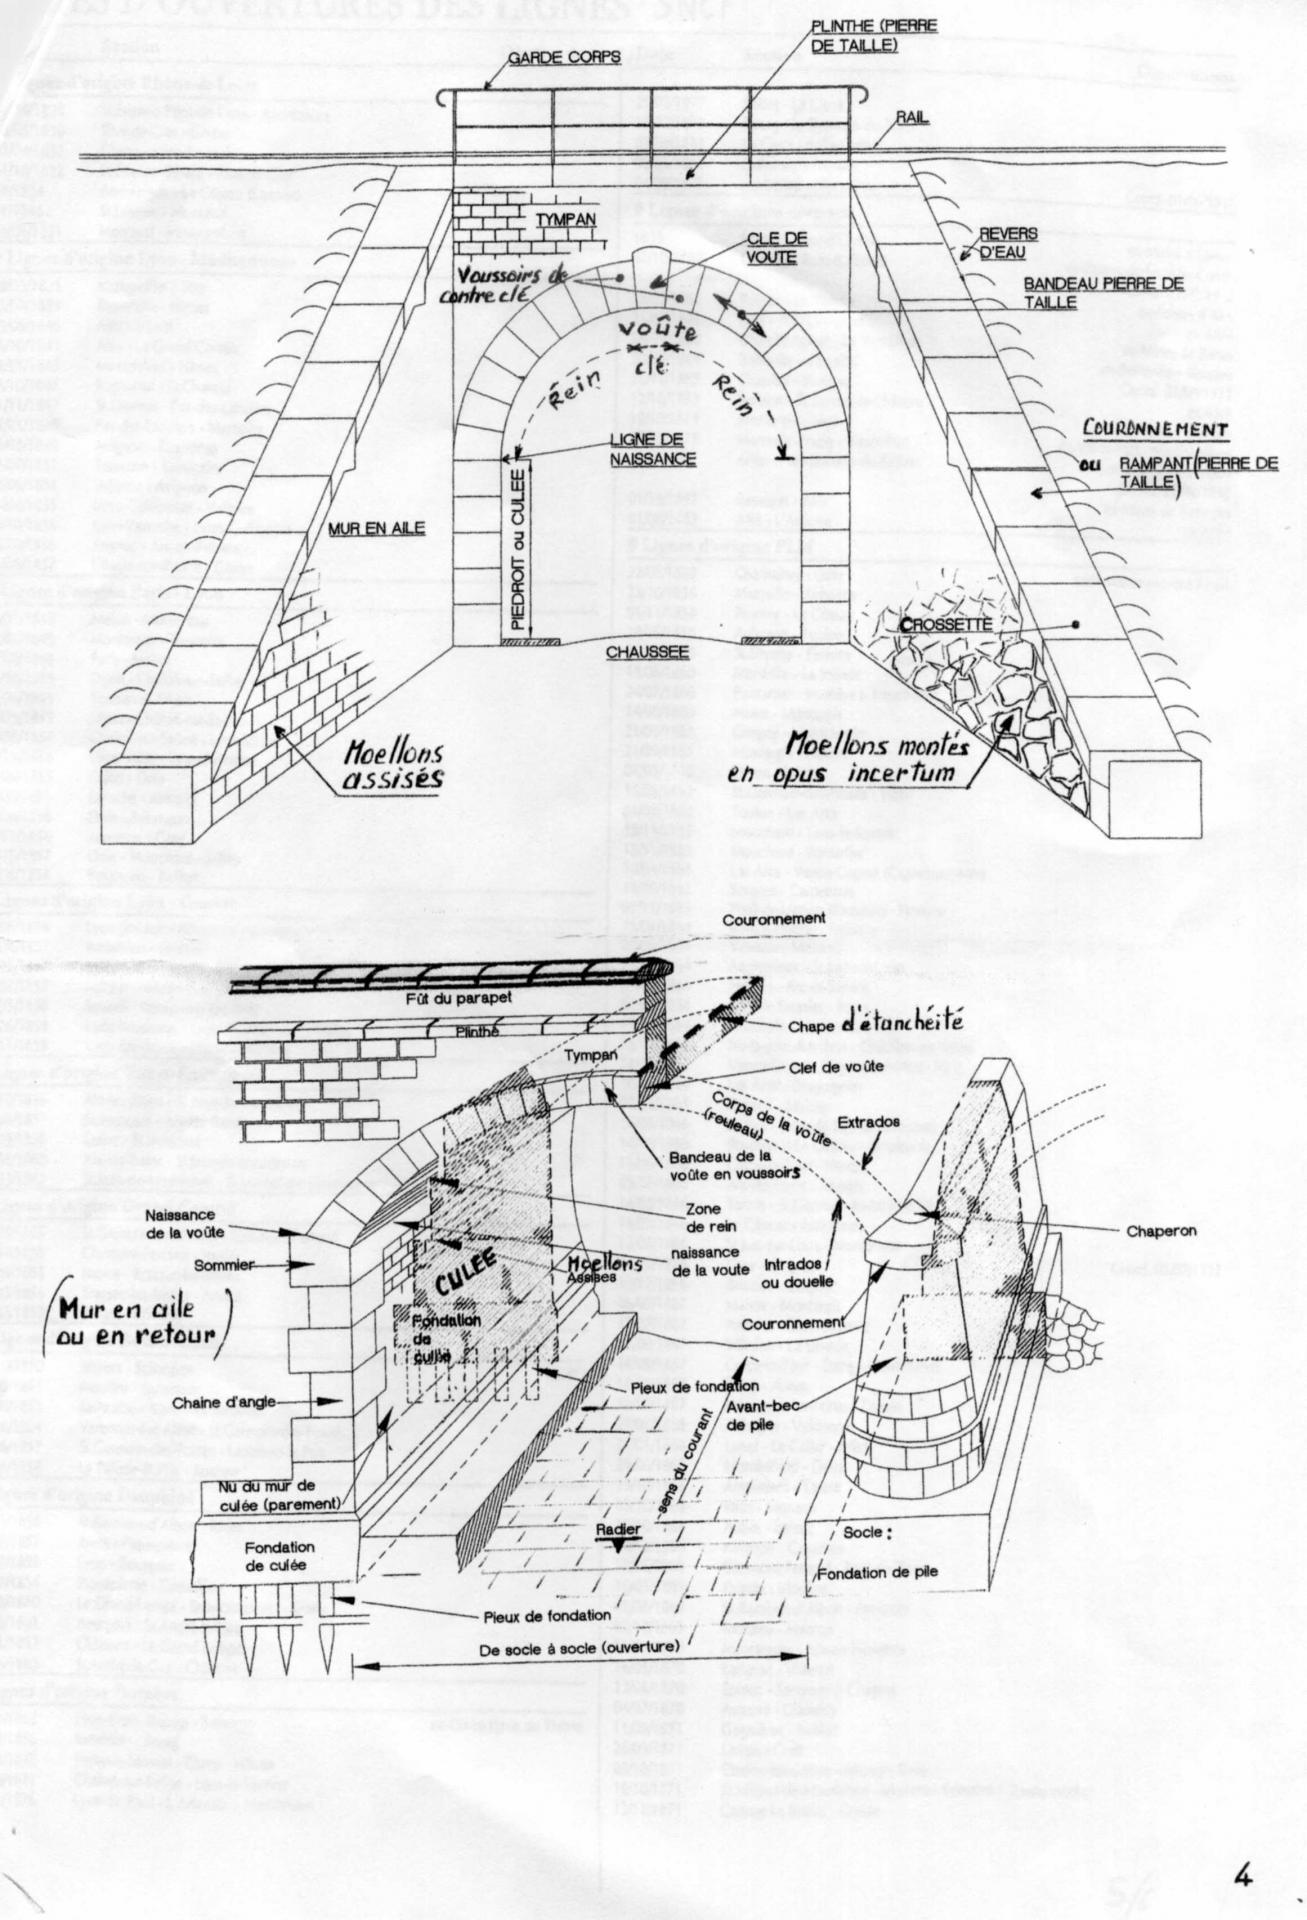 Pont chemin de fer teyssonne 004